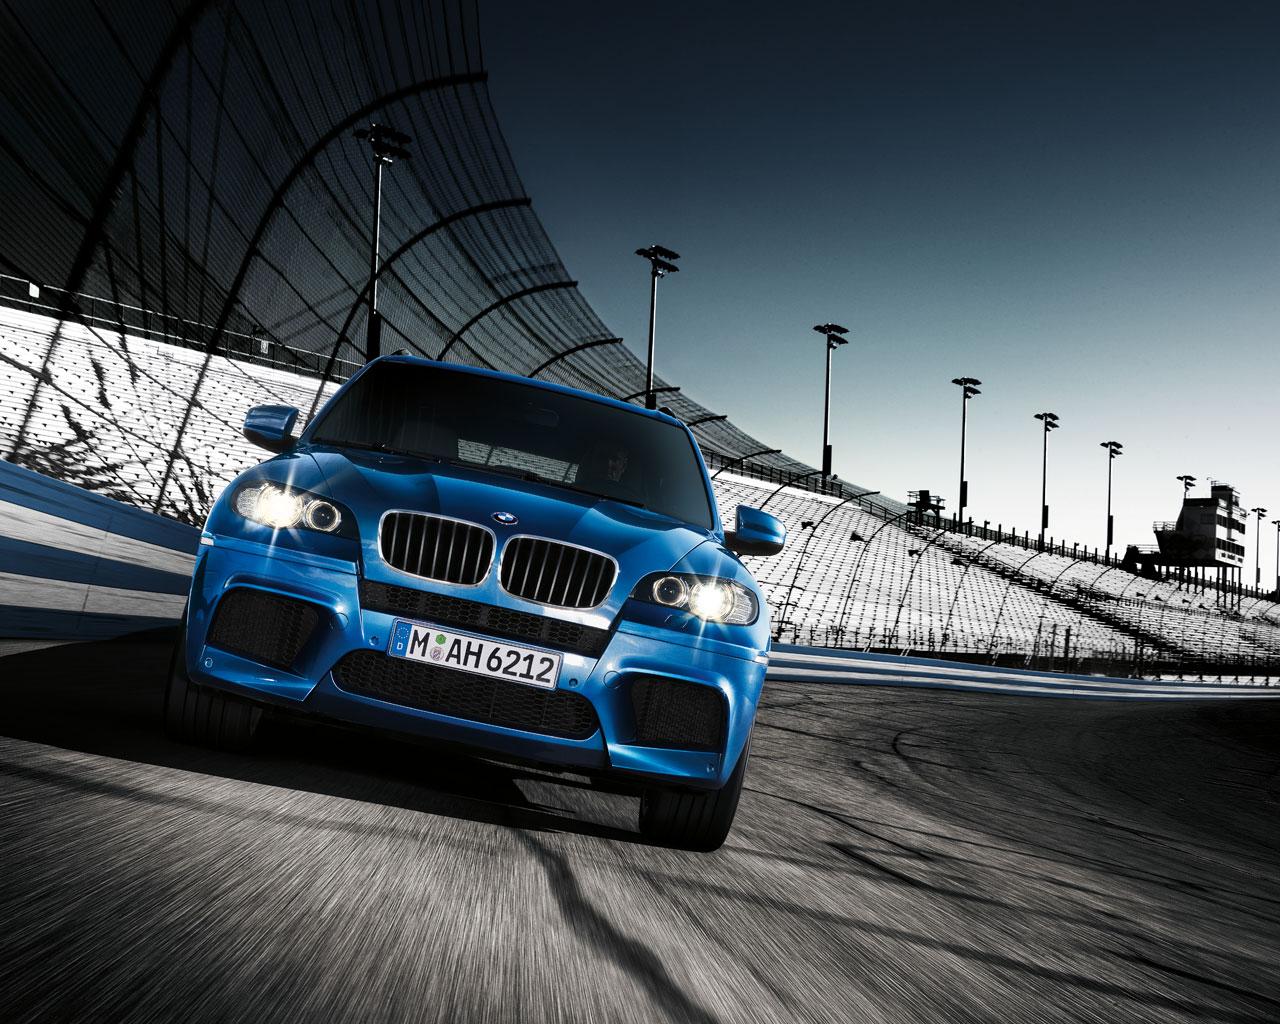 http://2.bp.blogspot.com/-4U_kkQuIGtc/TpLp3hDdUMI/AAAAAAAADDE/FF9EqTSJnmI/s1600/BMW-X5M+%25285%2529.jpg